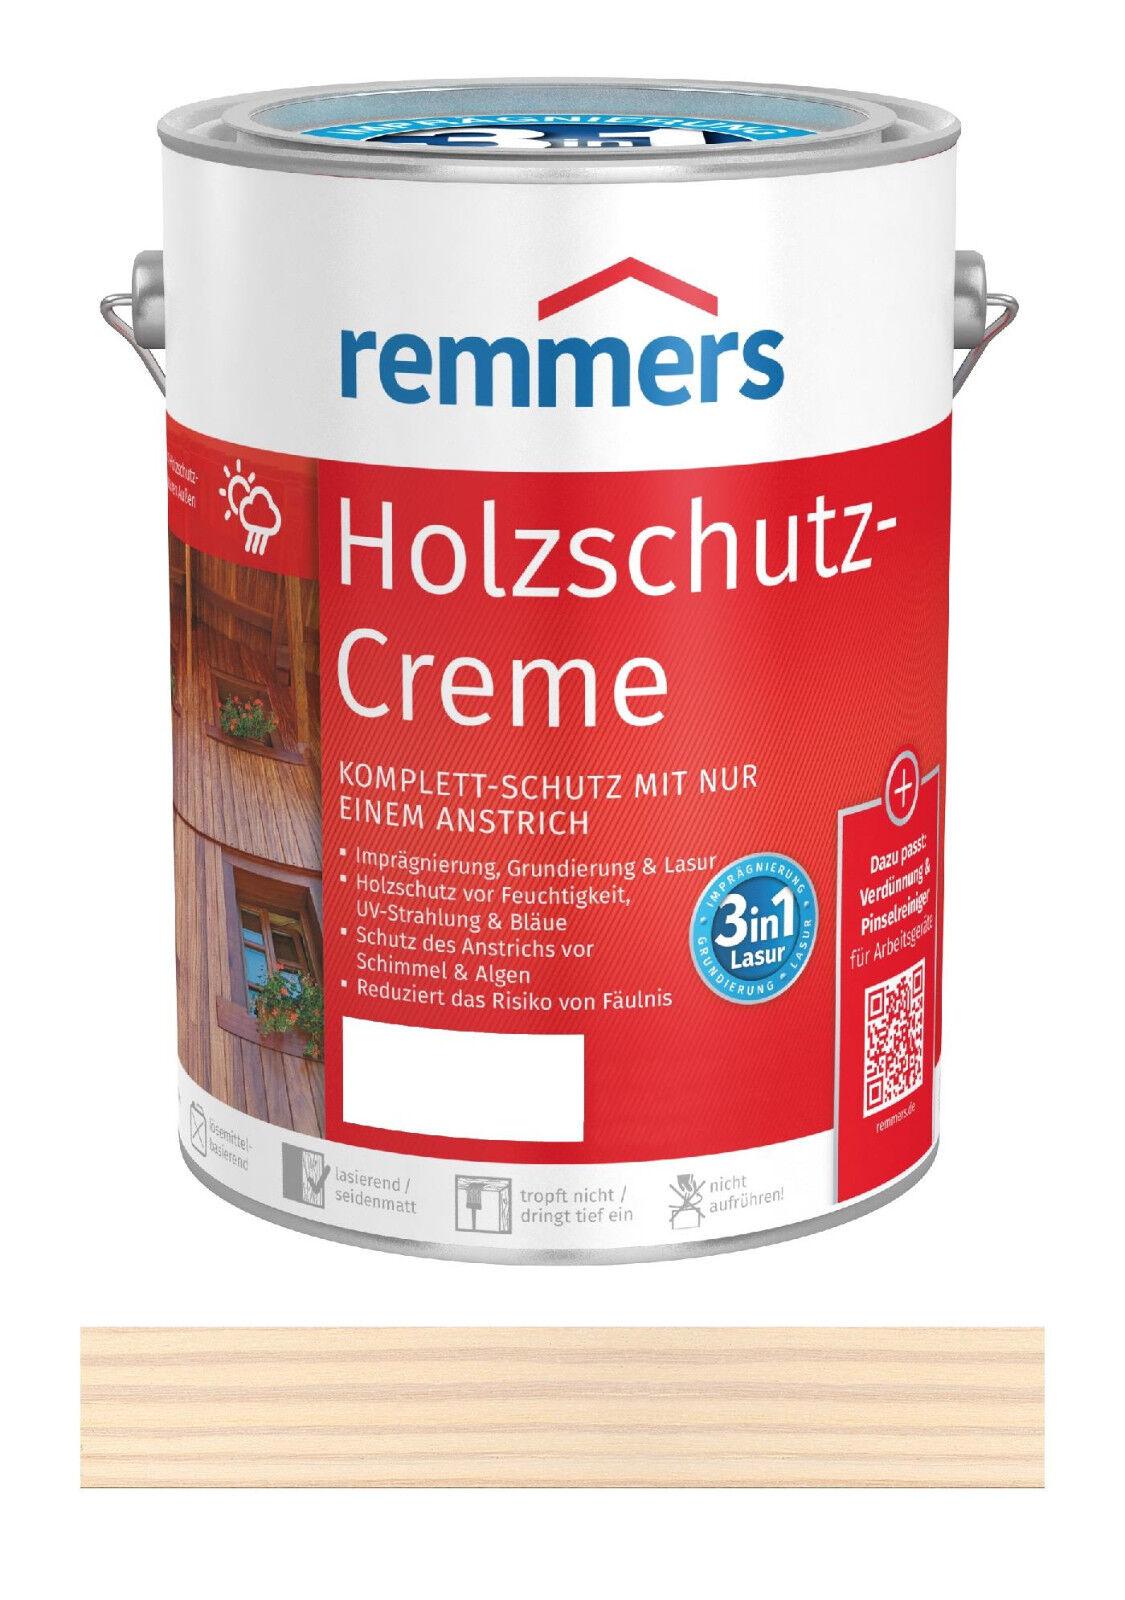 Remmers Holzschutz-Creme Weiß 2,5 Liter Holz Lasur für Außen NEUWARE